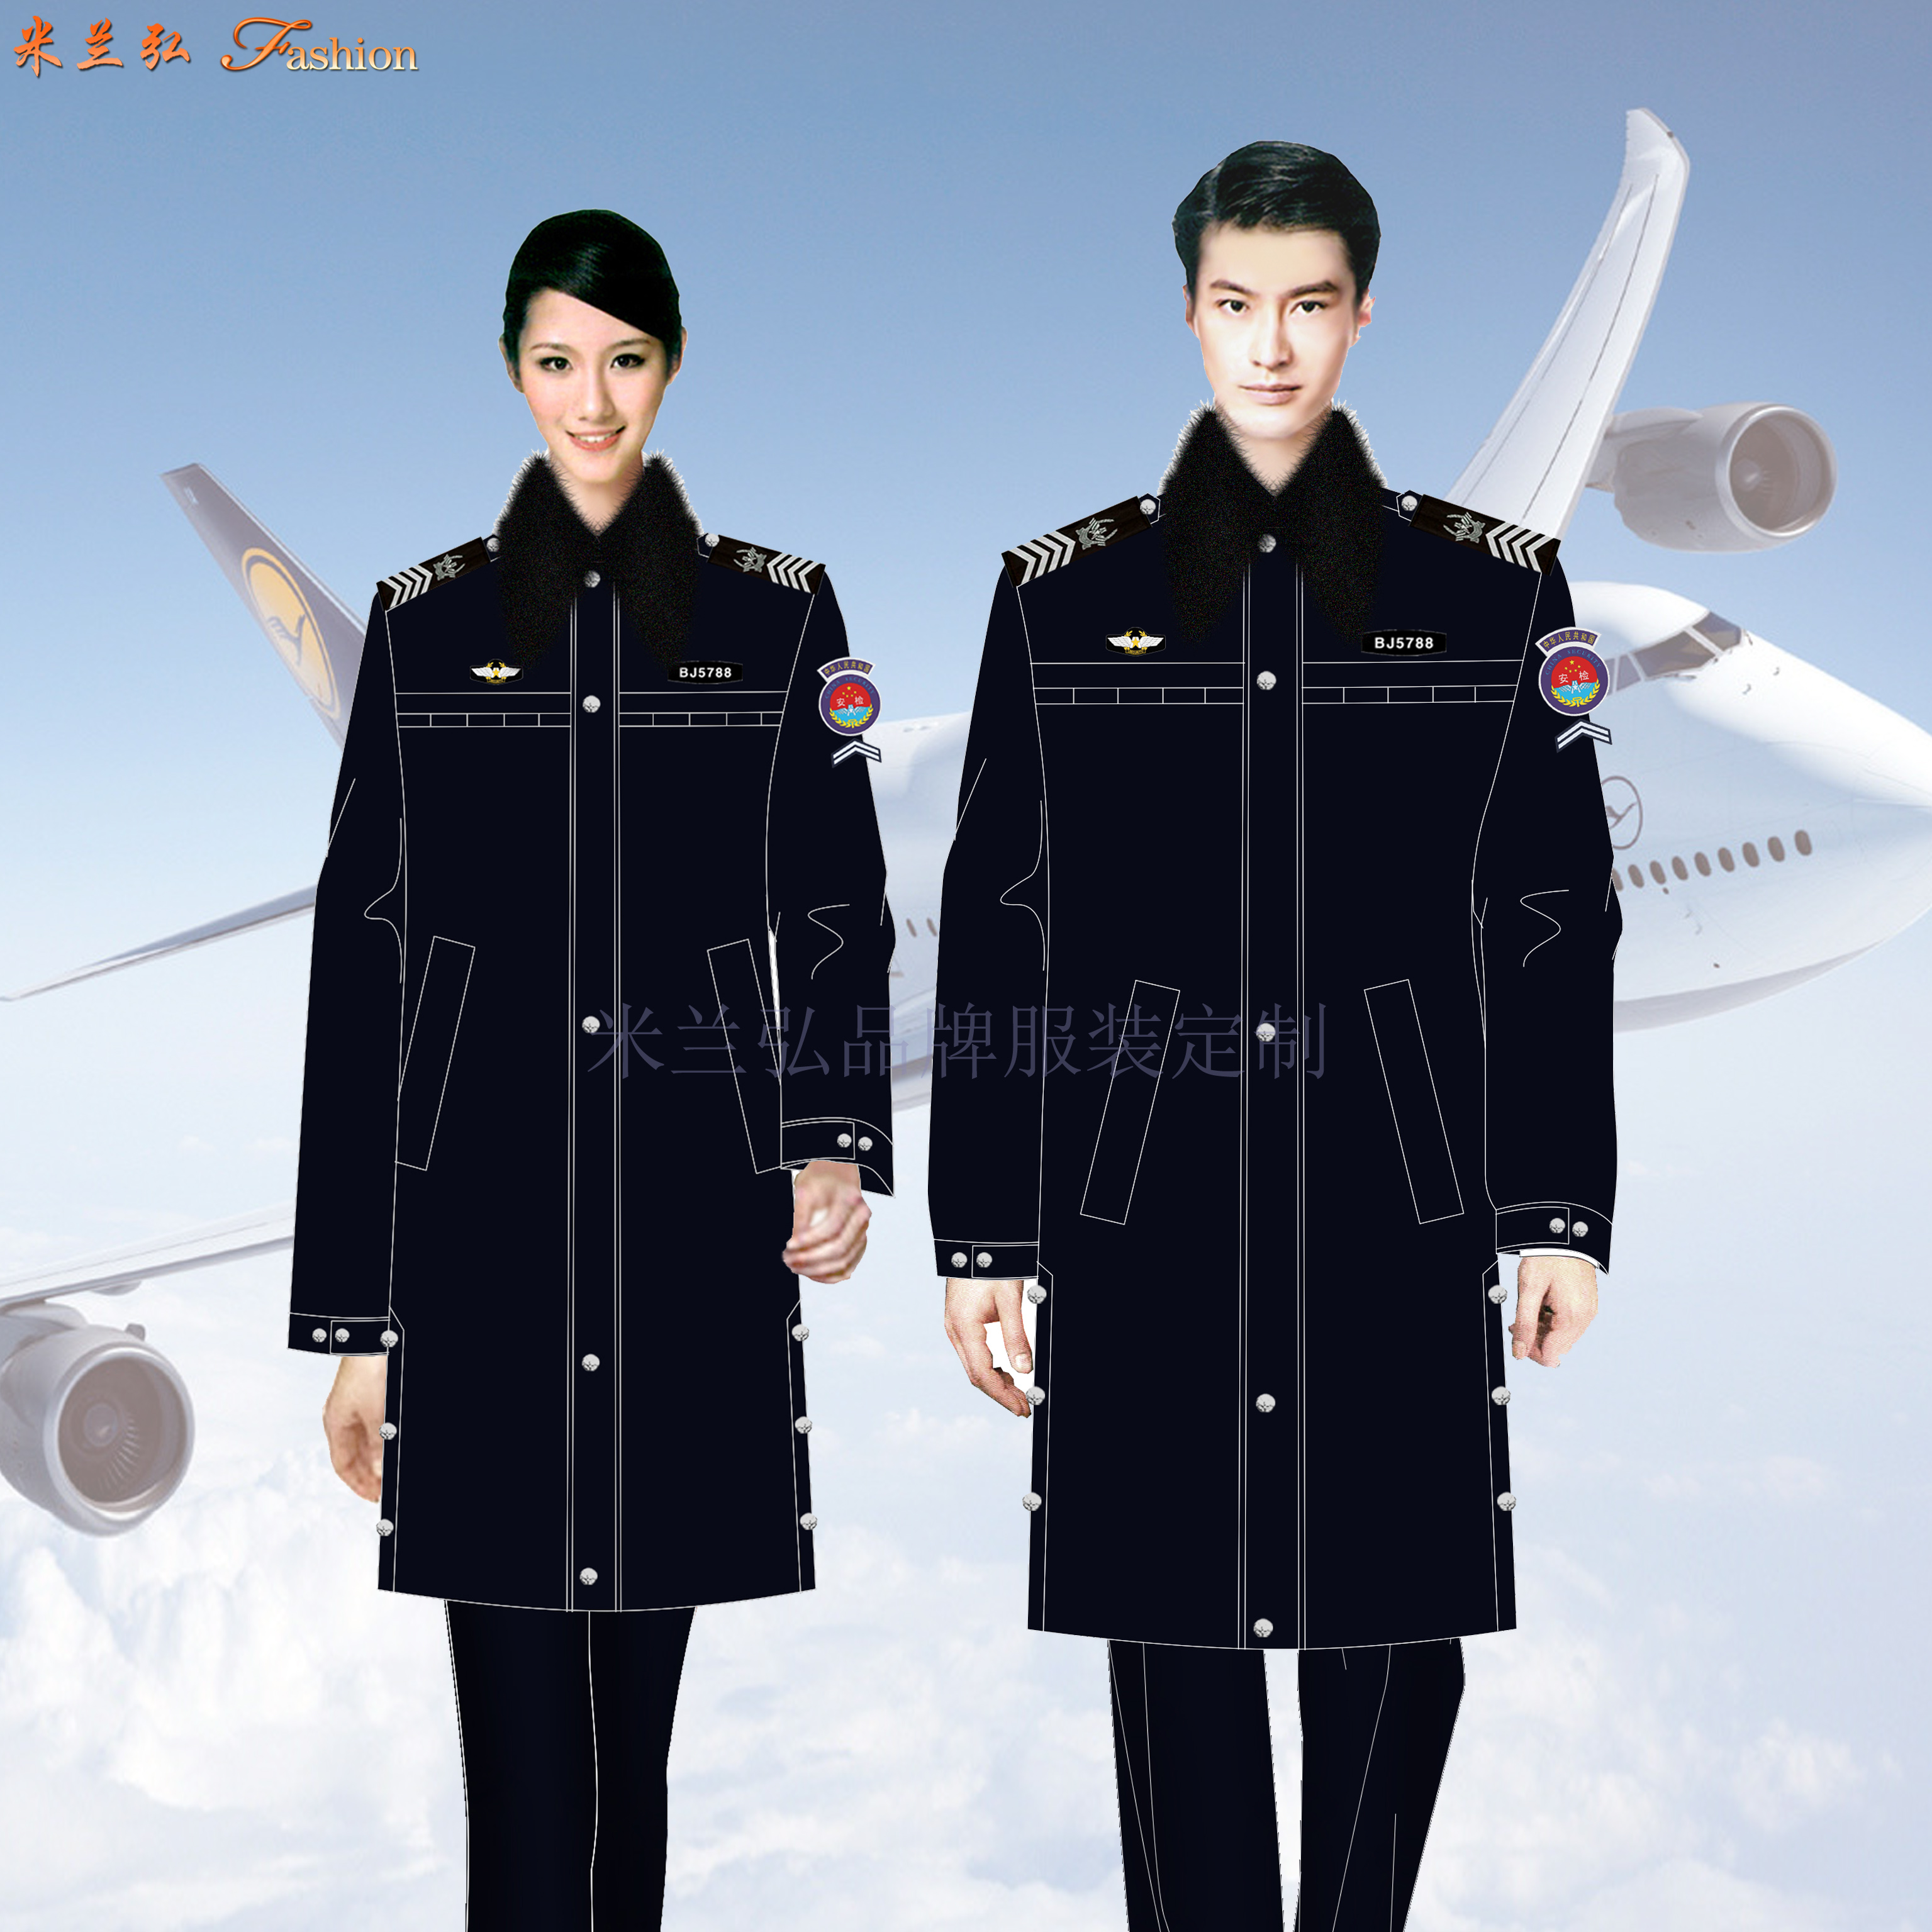 安檢服羊毛大衣定做_機場安檢員大衣訂制_民航安檢棉服定制-4